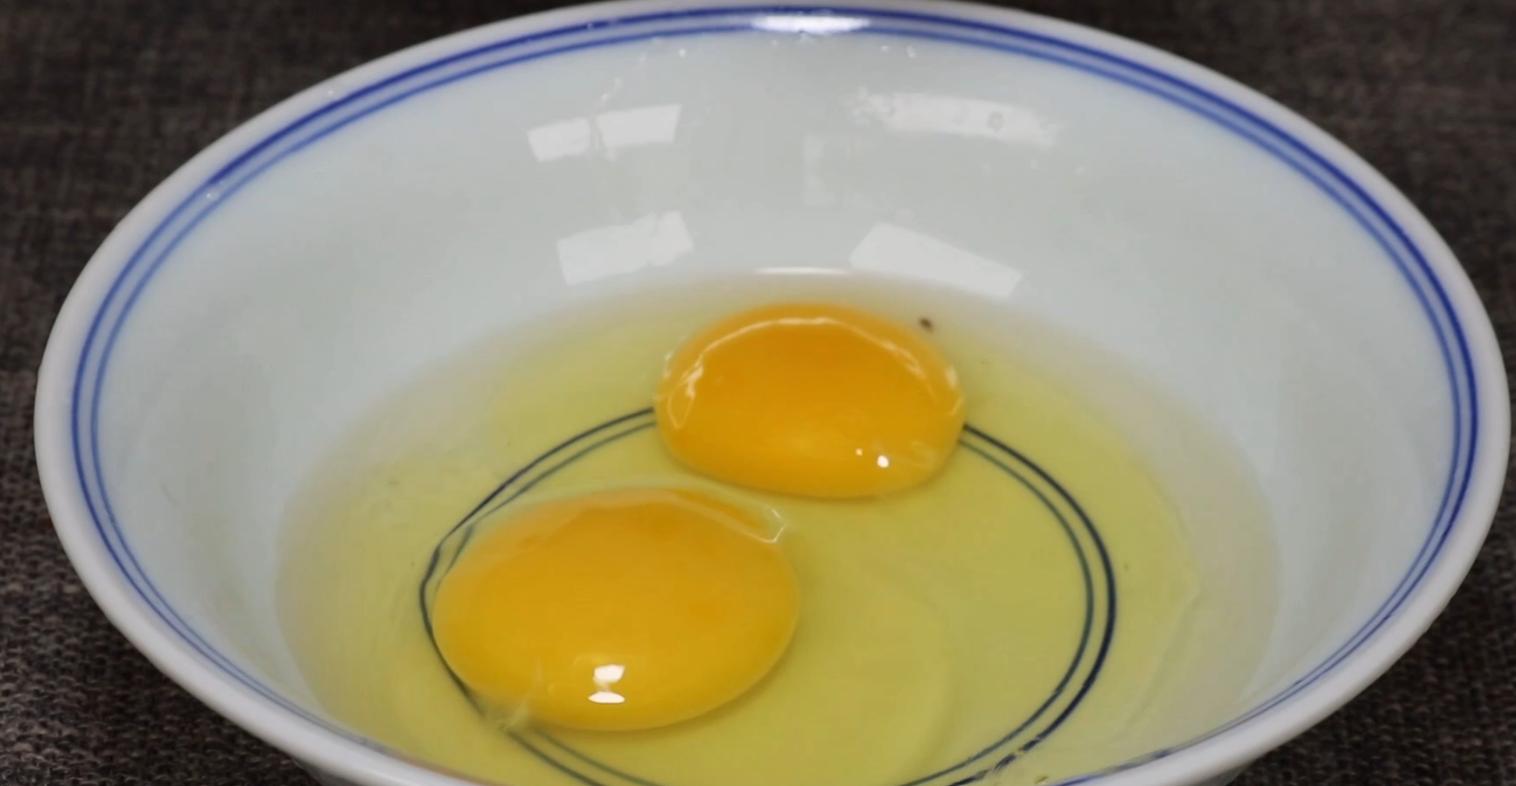 水蒸蛋用冷水还是热水,好多人不清楚,这样蒸出来滑嫩无蜂窝